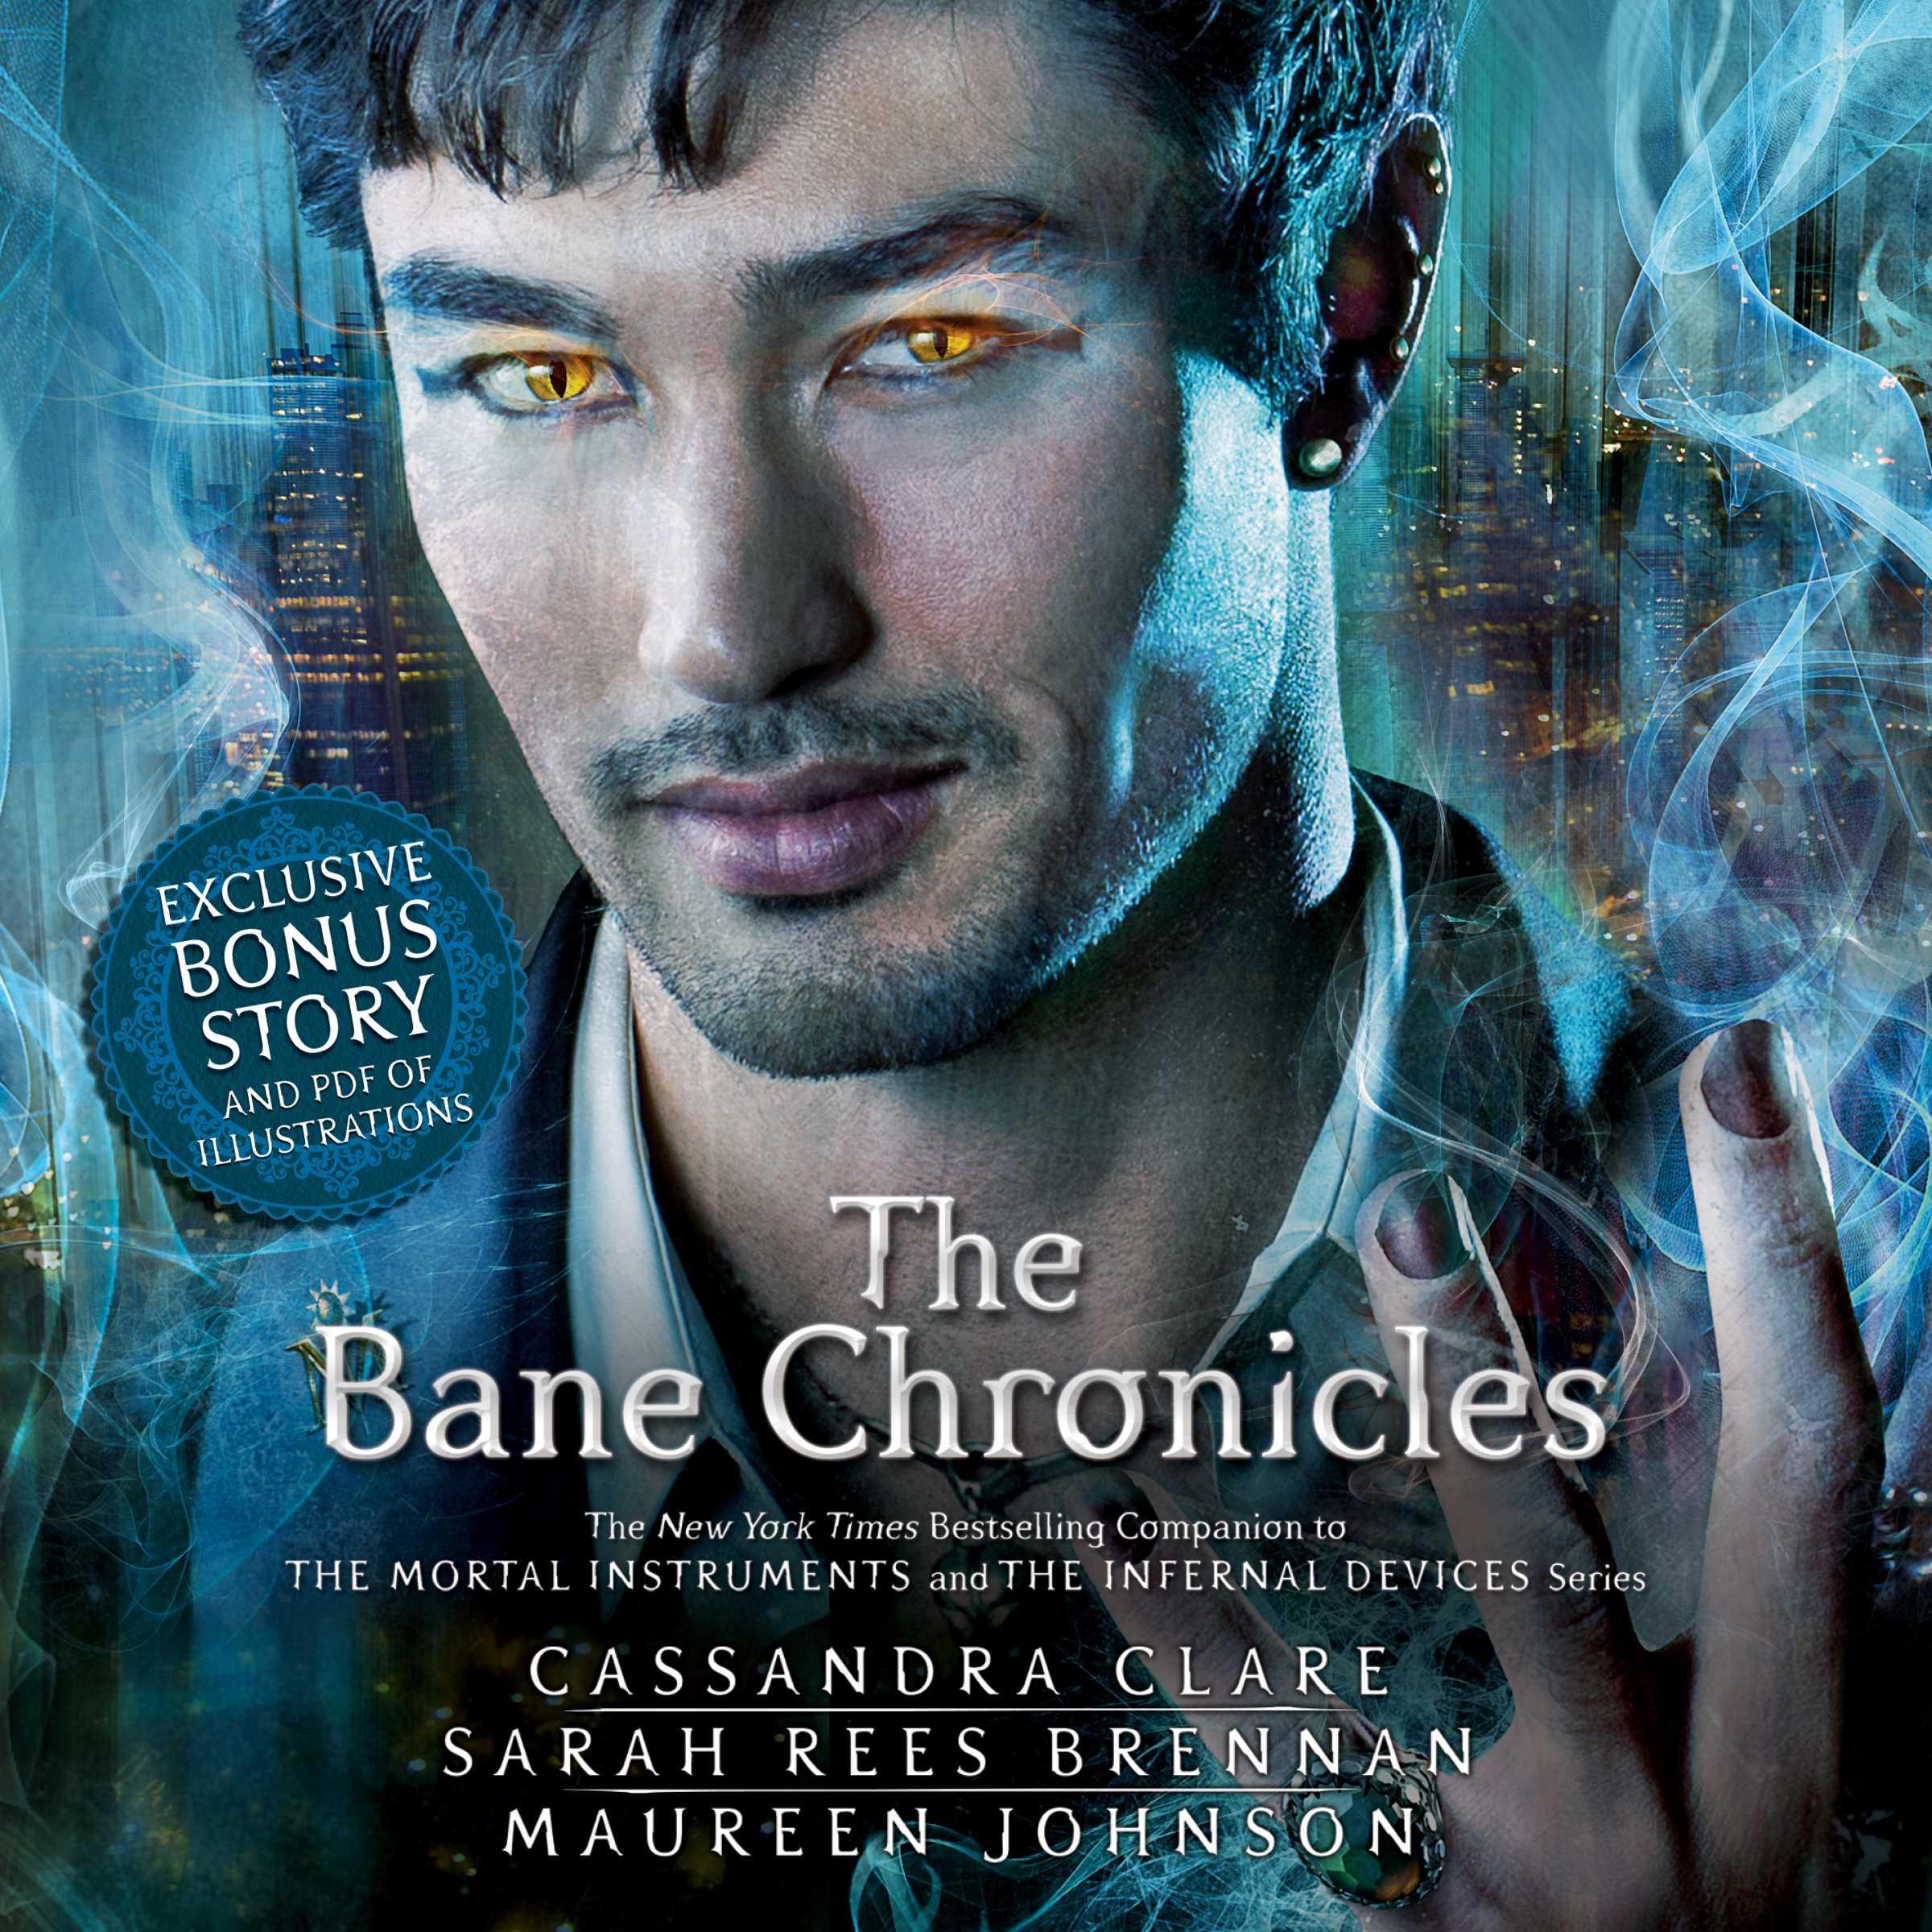 Bane chronicles 9781442372627 hr